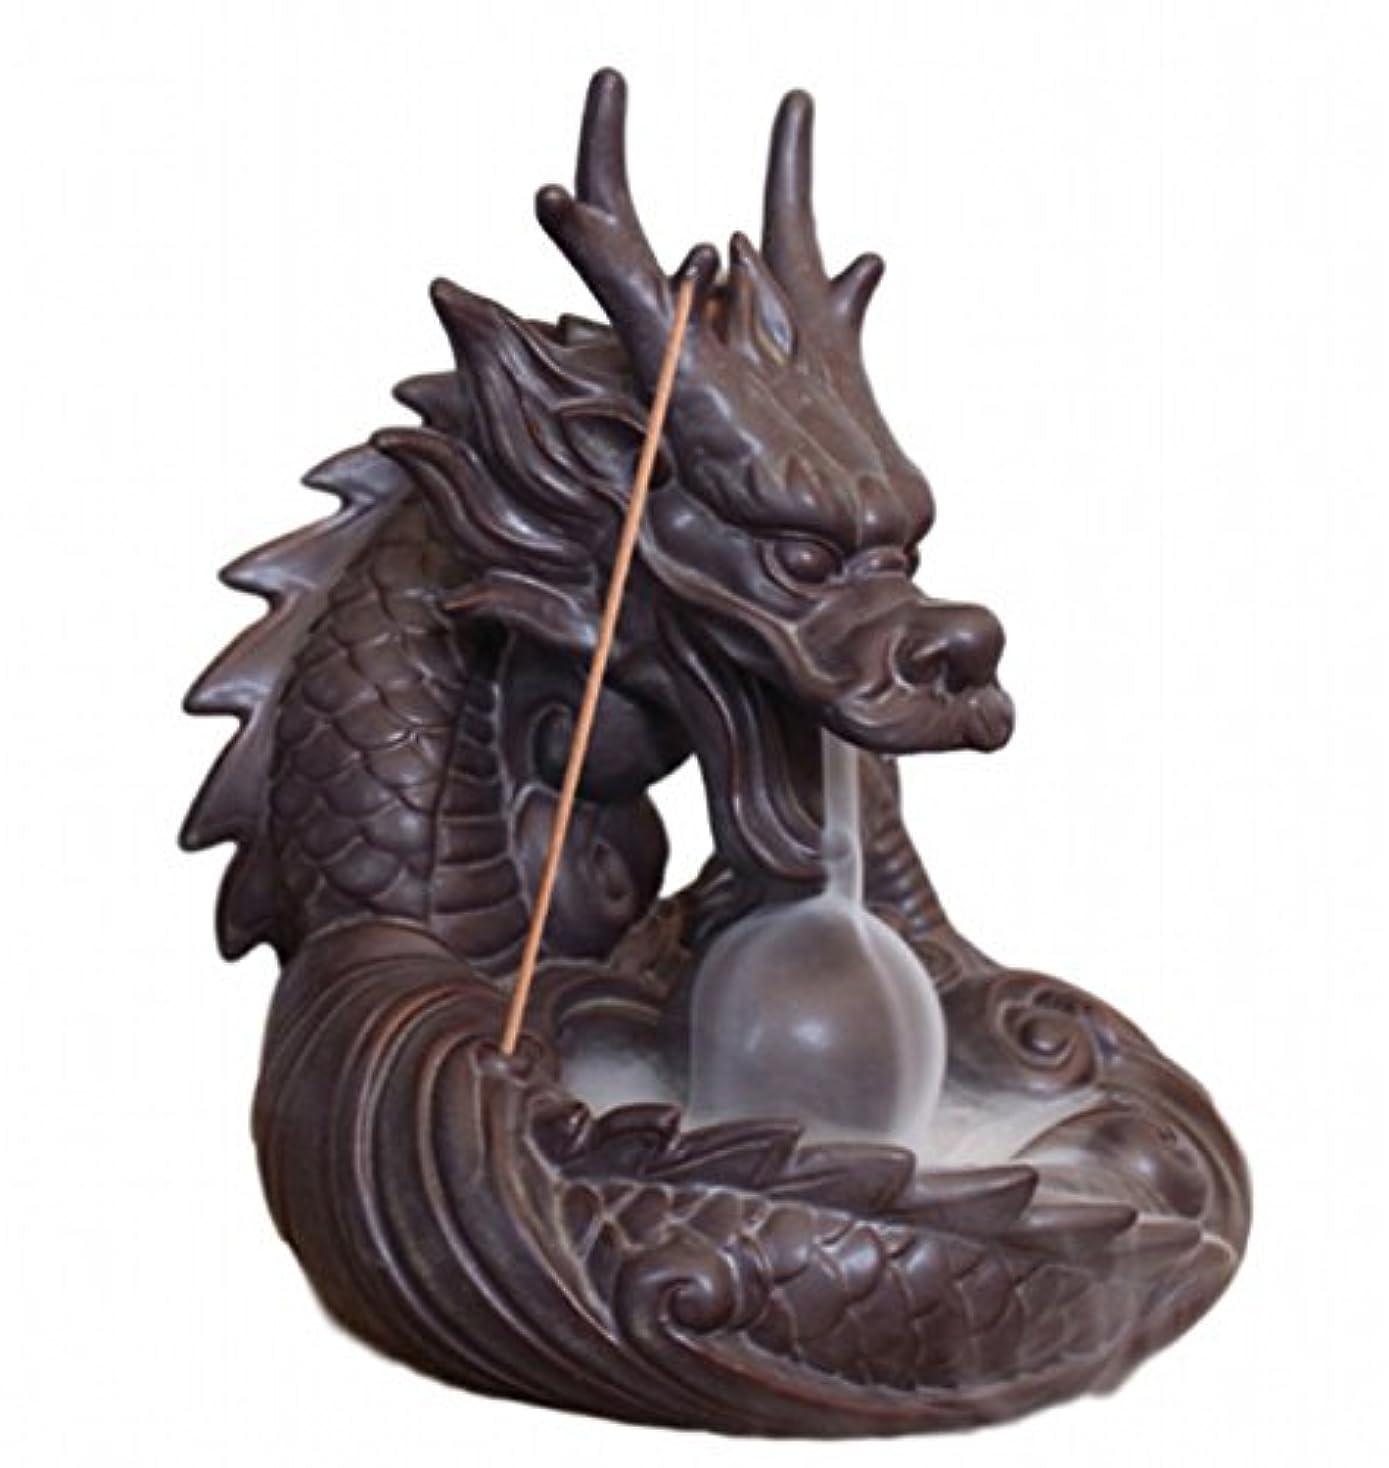 金銭的な酸化物モジュール【Rurumiマーケット】不思議なお香 倒流香 用 香炉 ドラゴン お試しお香付き 流川香 陶器製 (ドラゴンB)